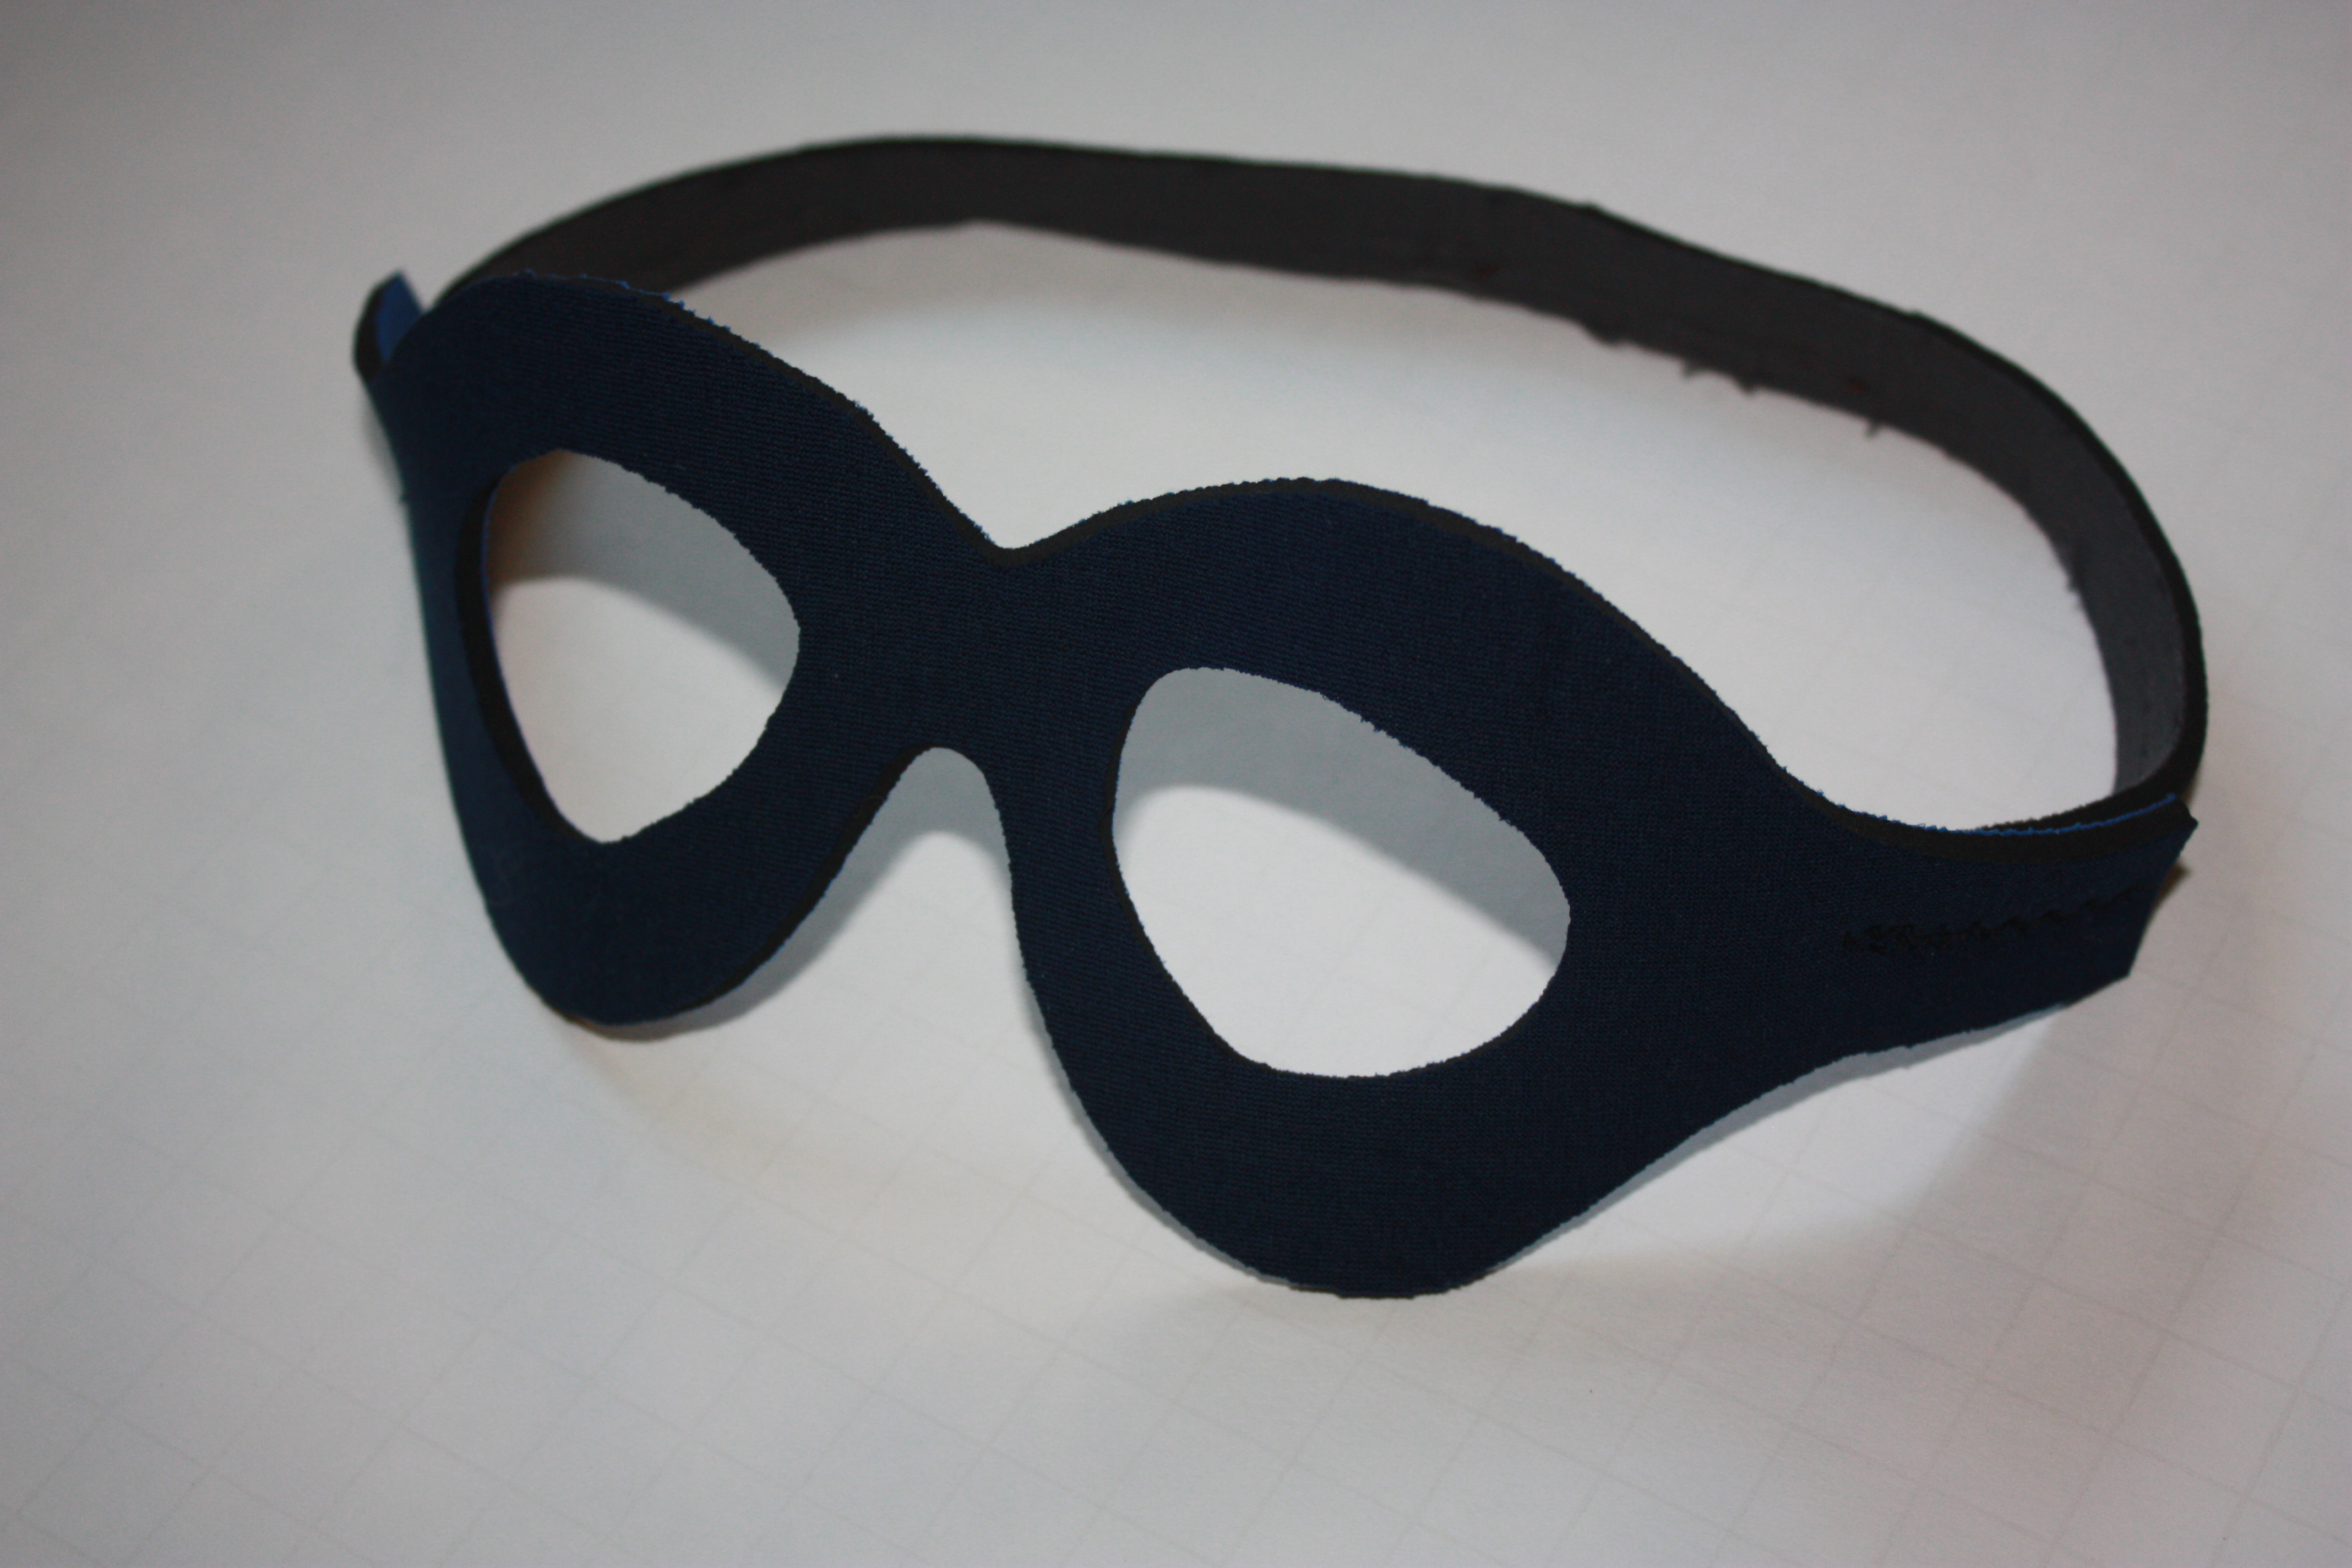 Make a Superhero Mask